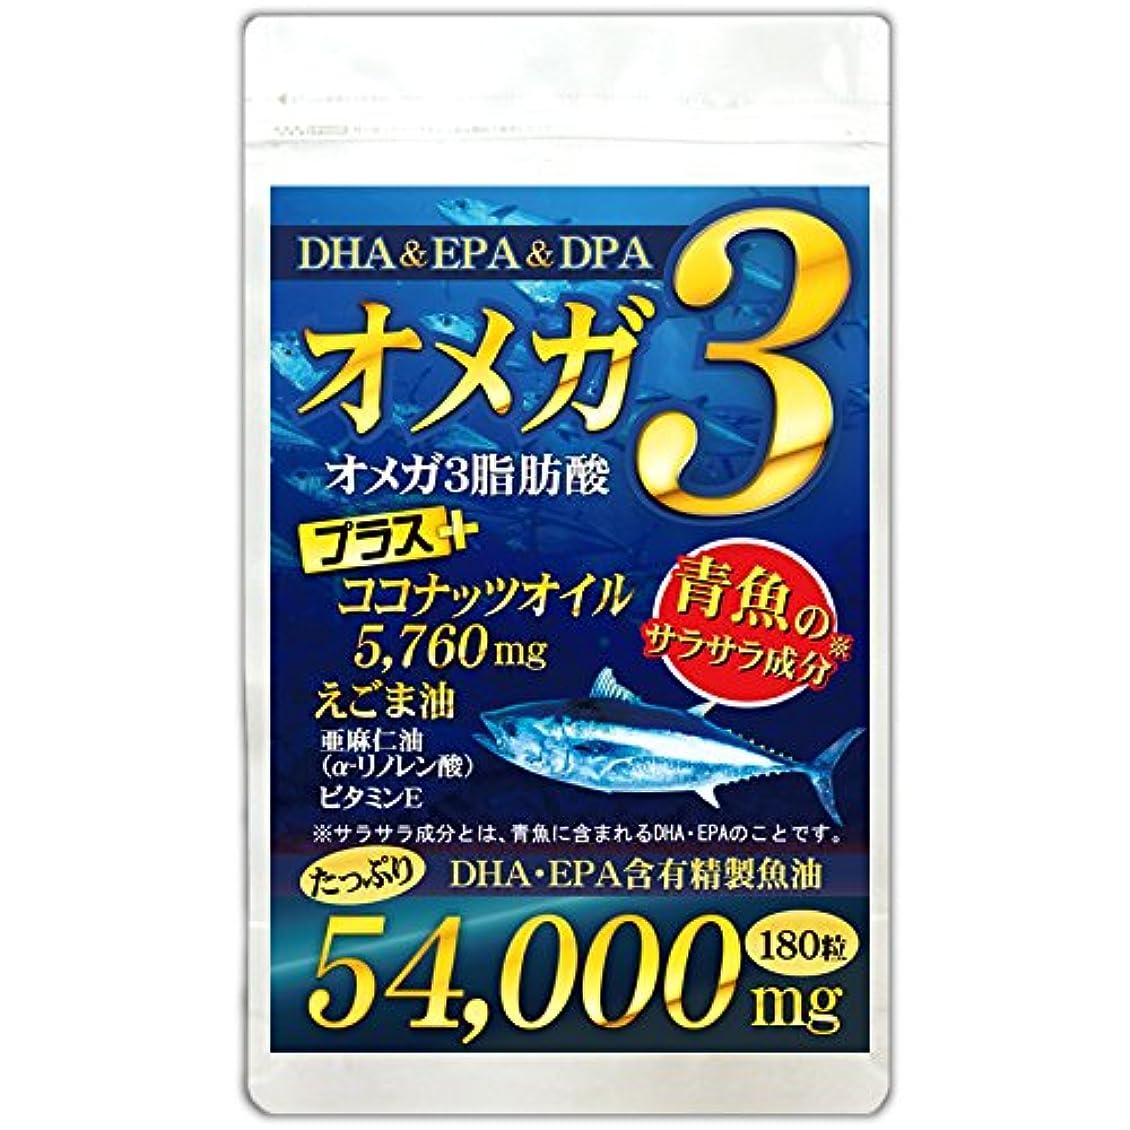 クスコほとんどの場合くさび(大容量:約6ヵ月分/180粒)超高配合!4種オメガ3(DHA+EPA+DPA+α-リノレン酸)+ココナッツオイル